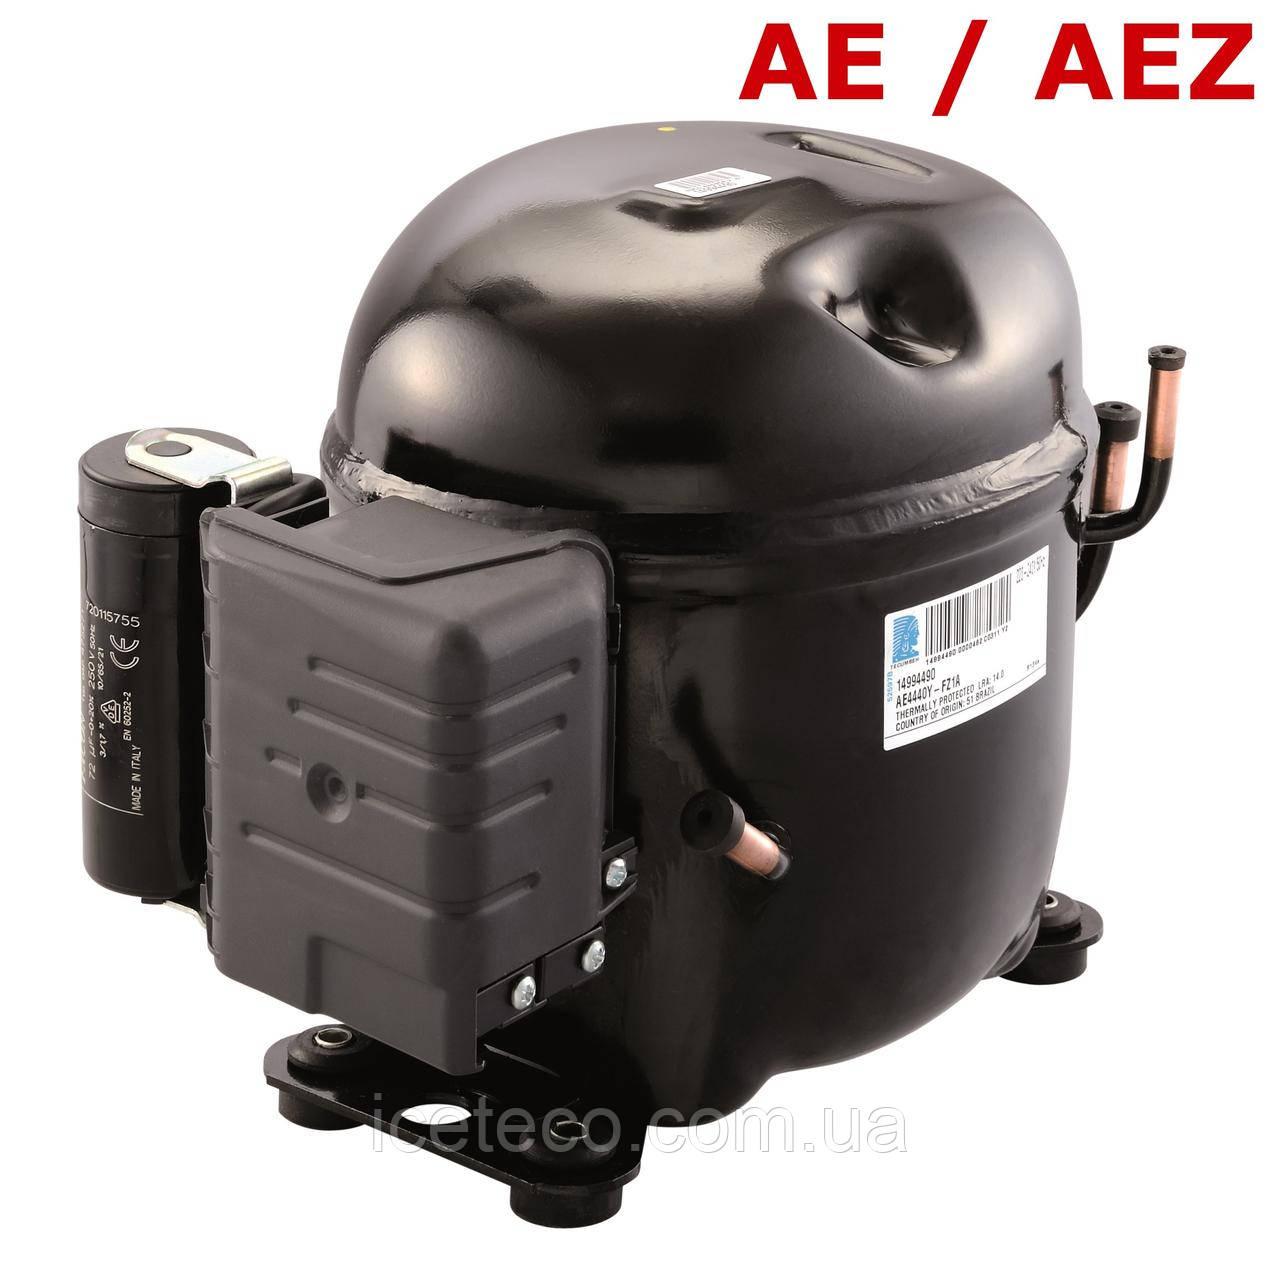 Герметичный поршневой компрессор AEZ1365Y Tecumseh